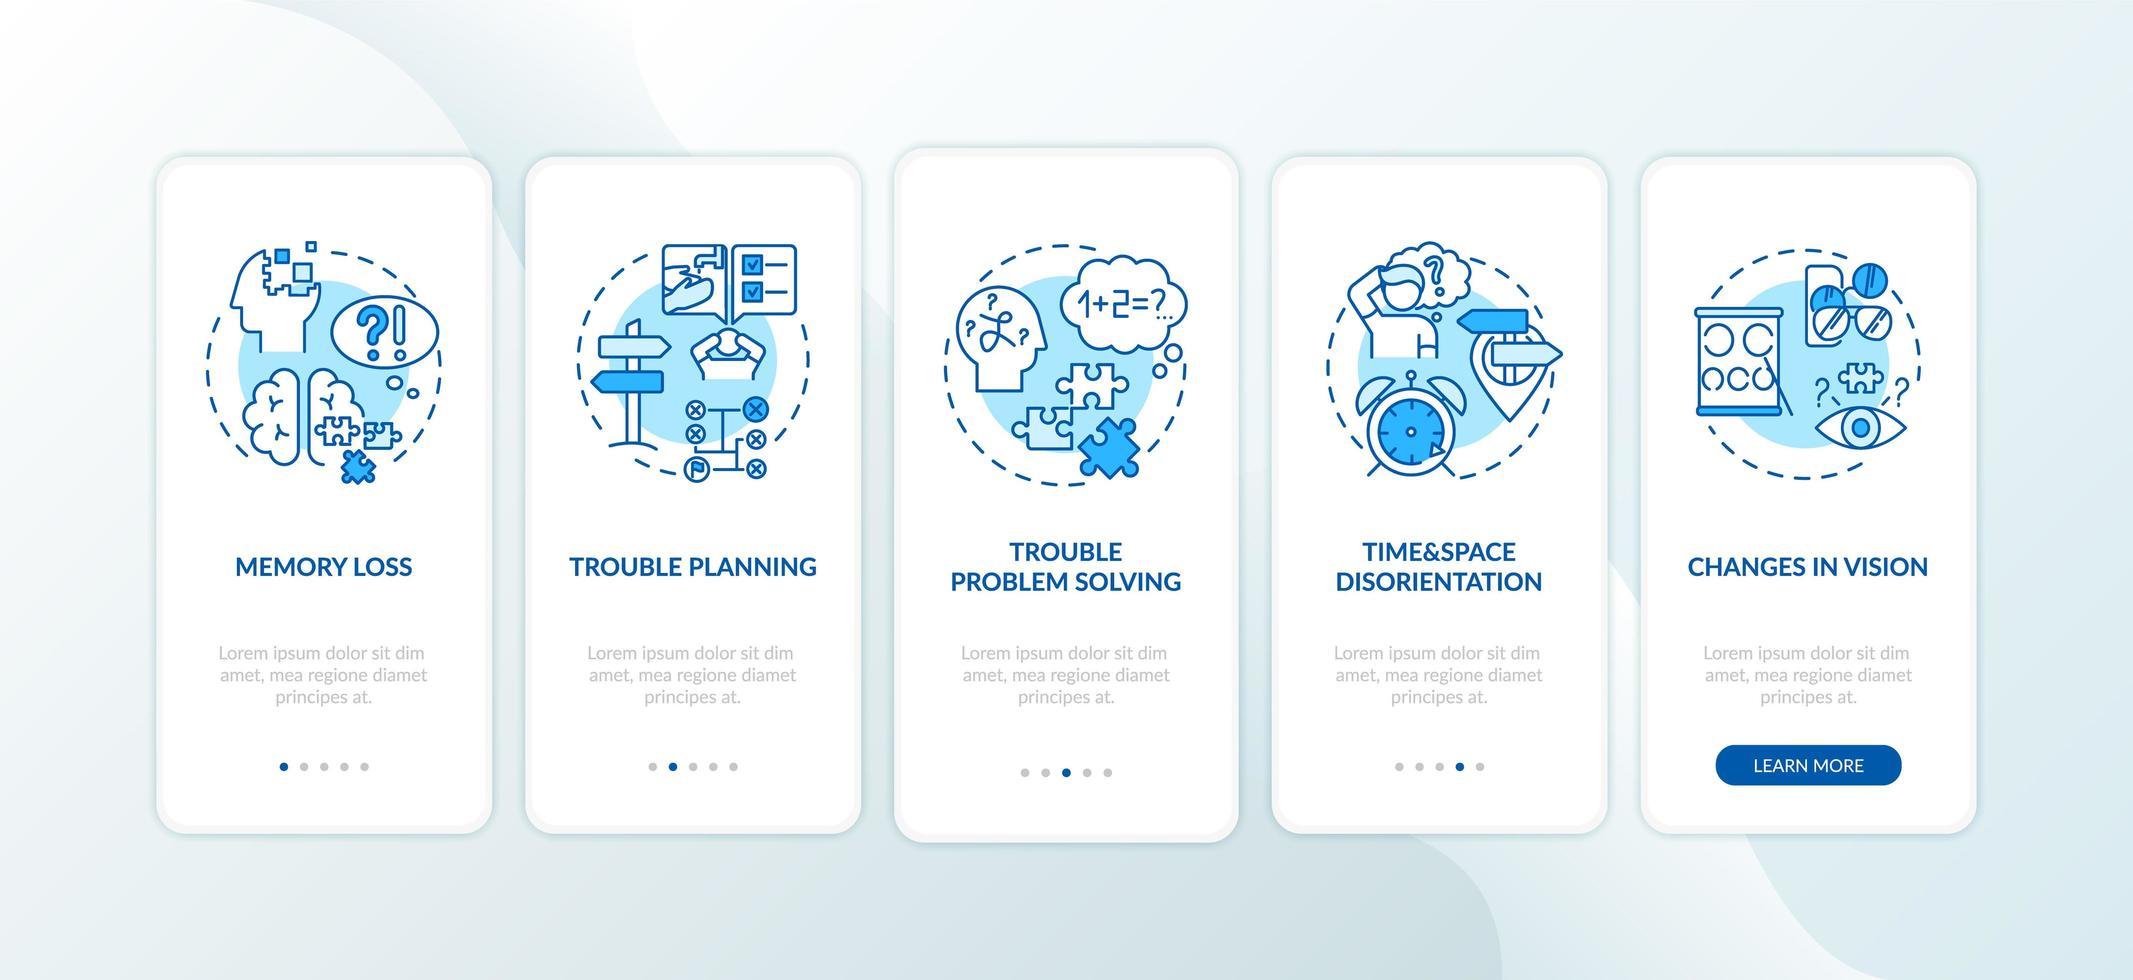 primi segni di demenza, schermate delle pagine delle app mobili vettore